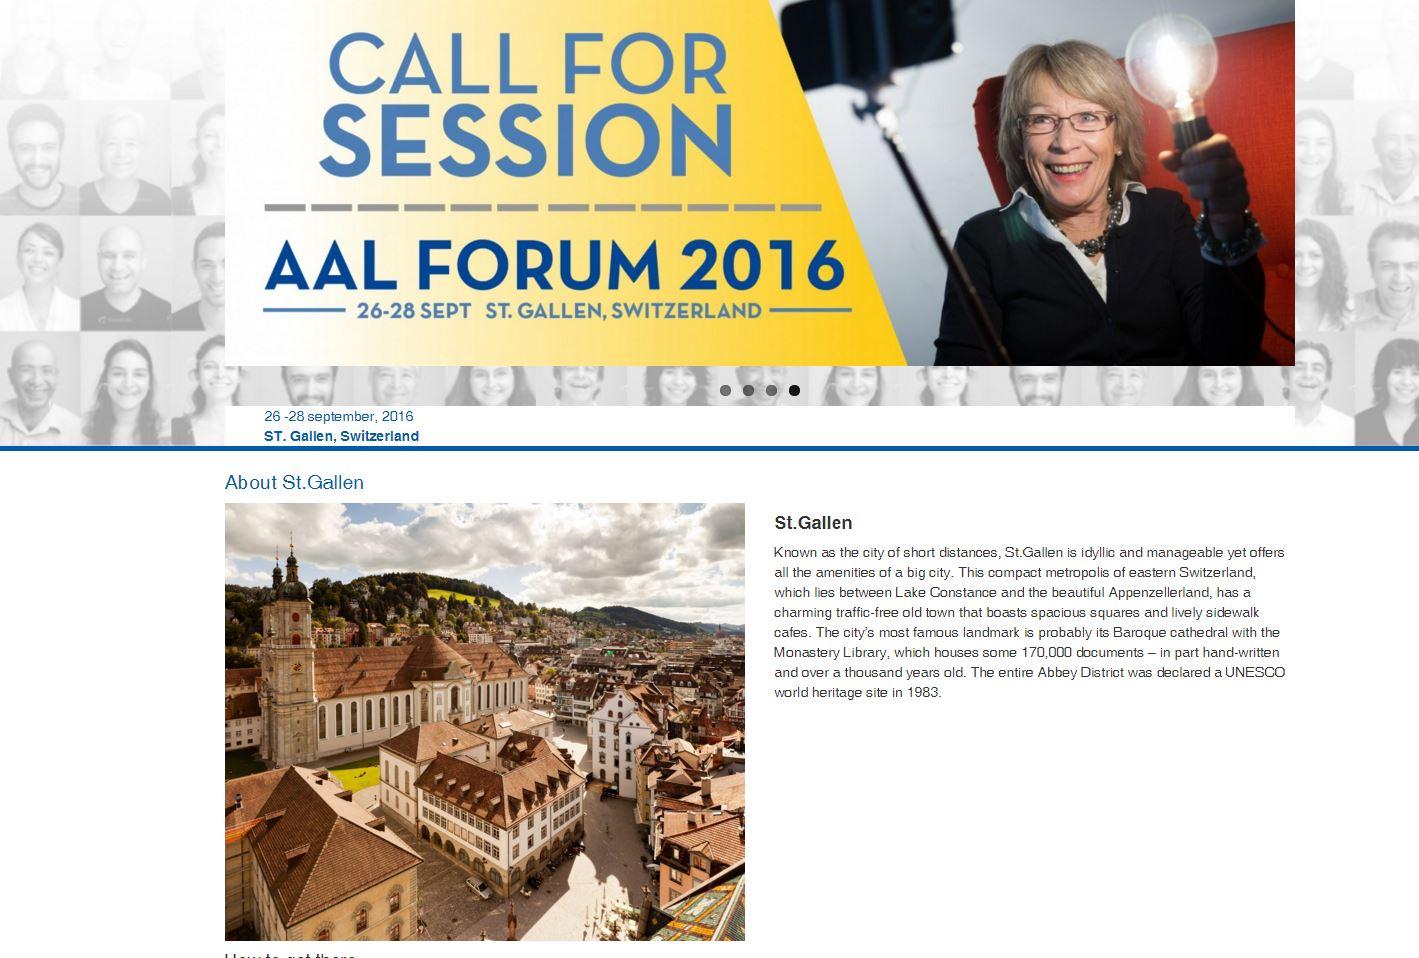 AALForum 2016 2